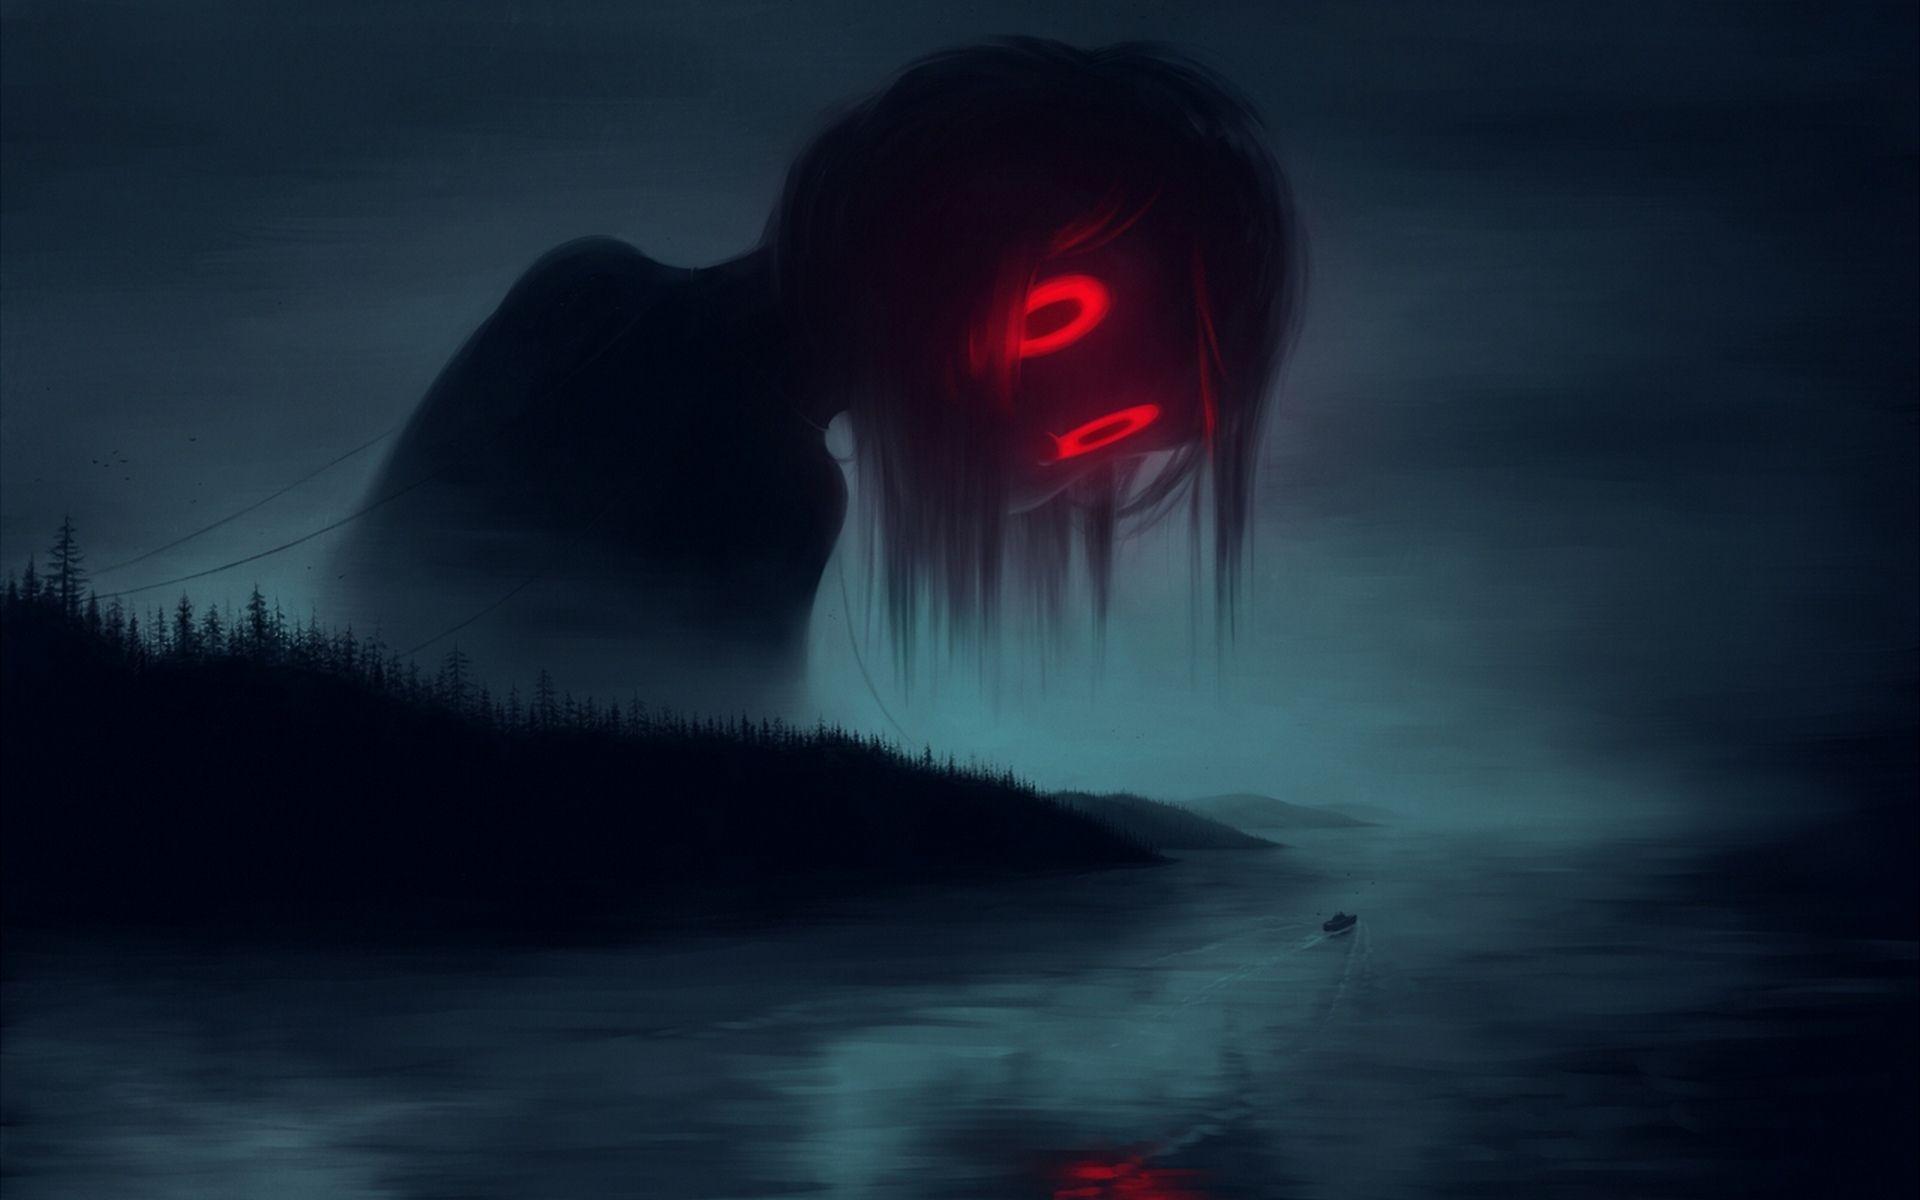 Monster In The Dark Art wallpaper